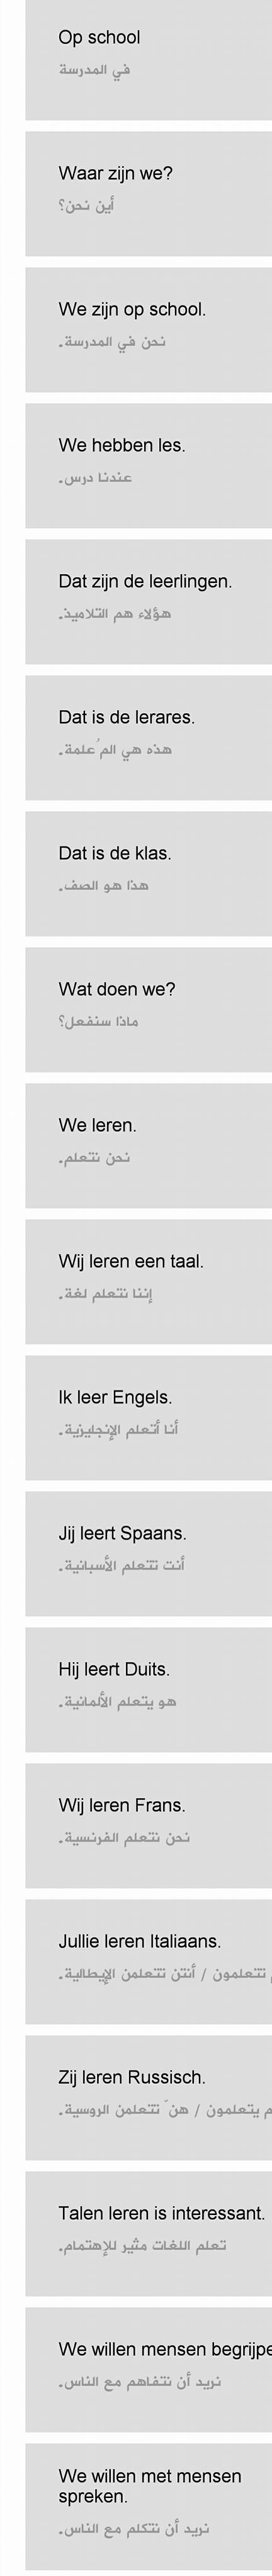 جمل قصيرة في اللغة الهولندية للمبتدئين